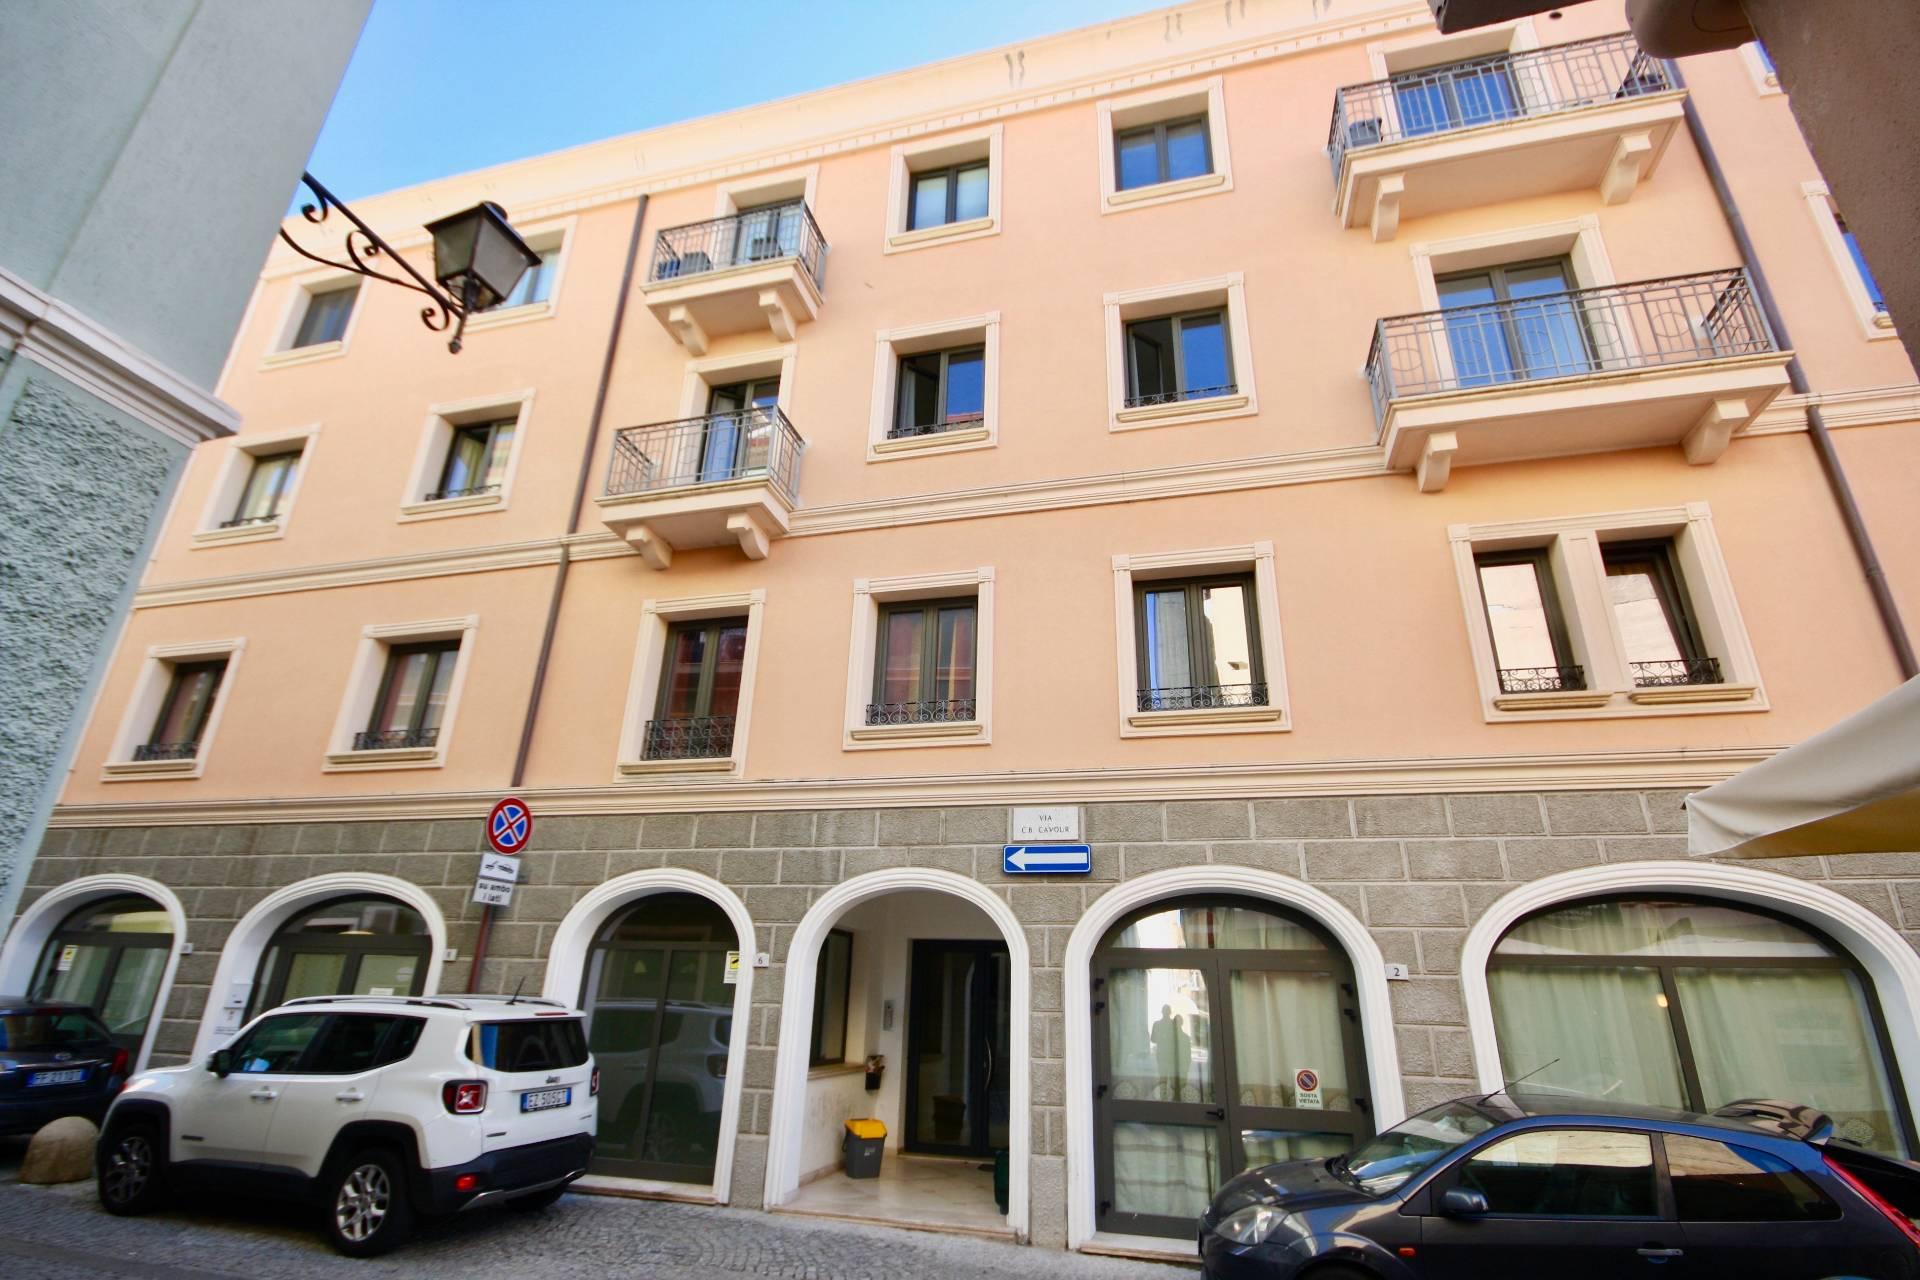 Ufficio / Studio in affitto a Olbia - Porto Rotondo, 9999 locali, zona Località: Olbiacittà, prezzo € 550 | CambioCasa.it